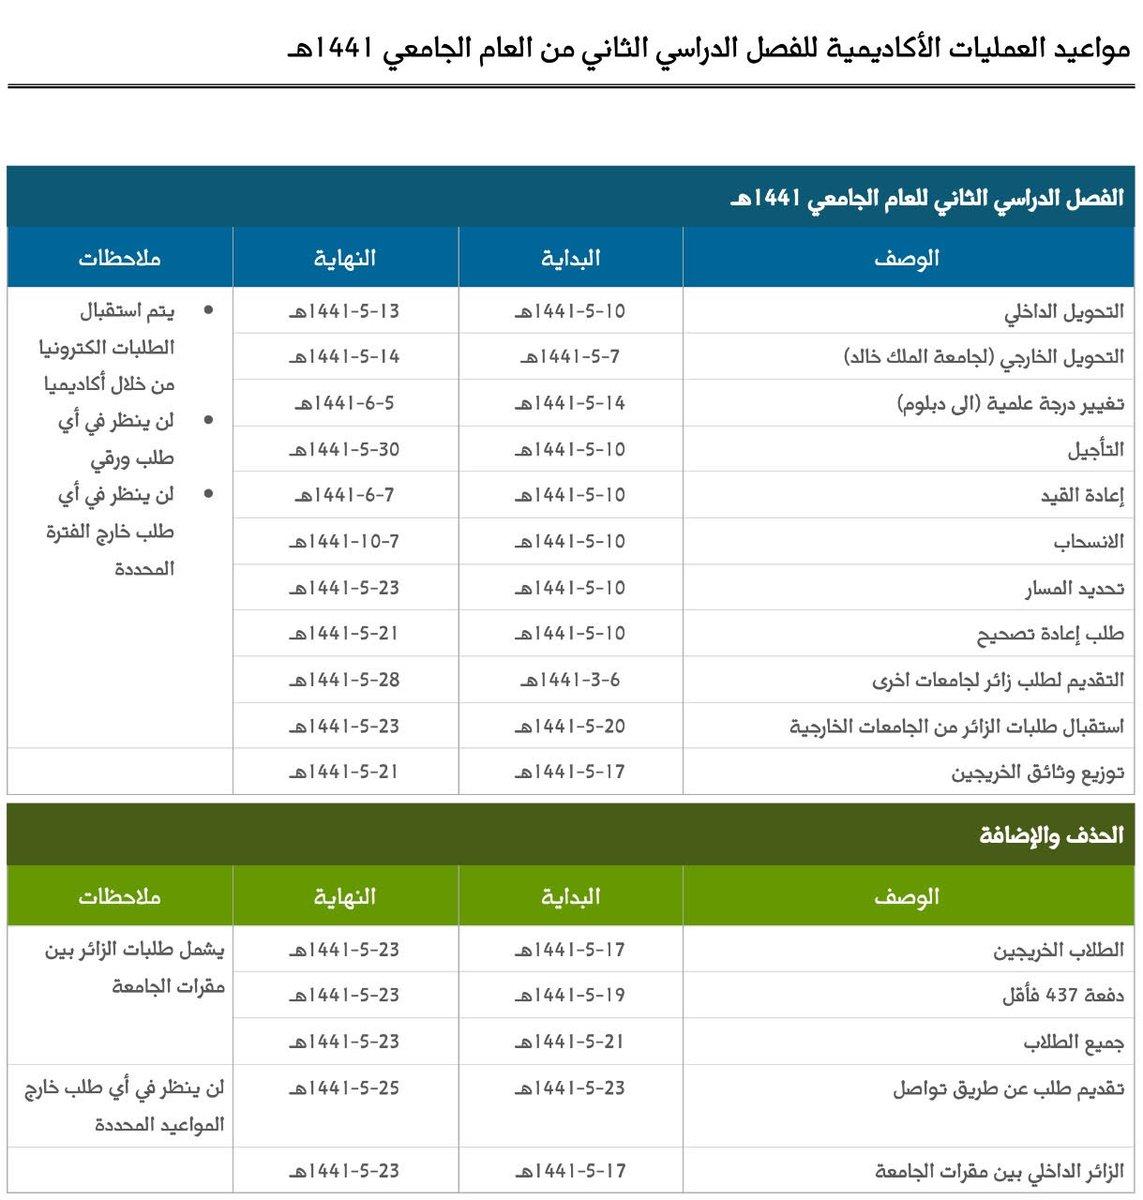 جامعة الملك خالد On Twitter حددت عمادة القبول والتسجيل بـ